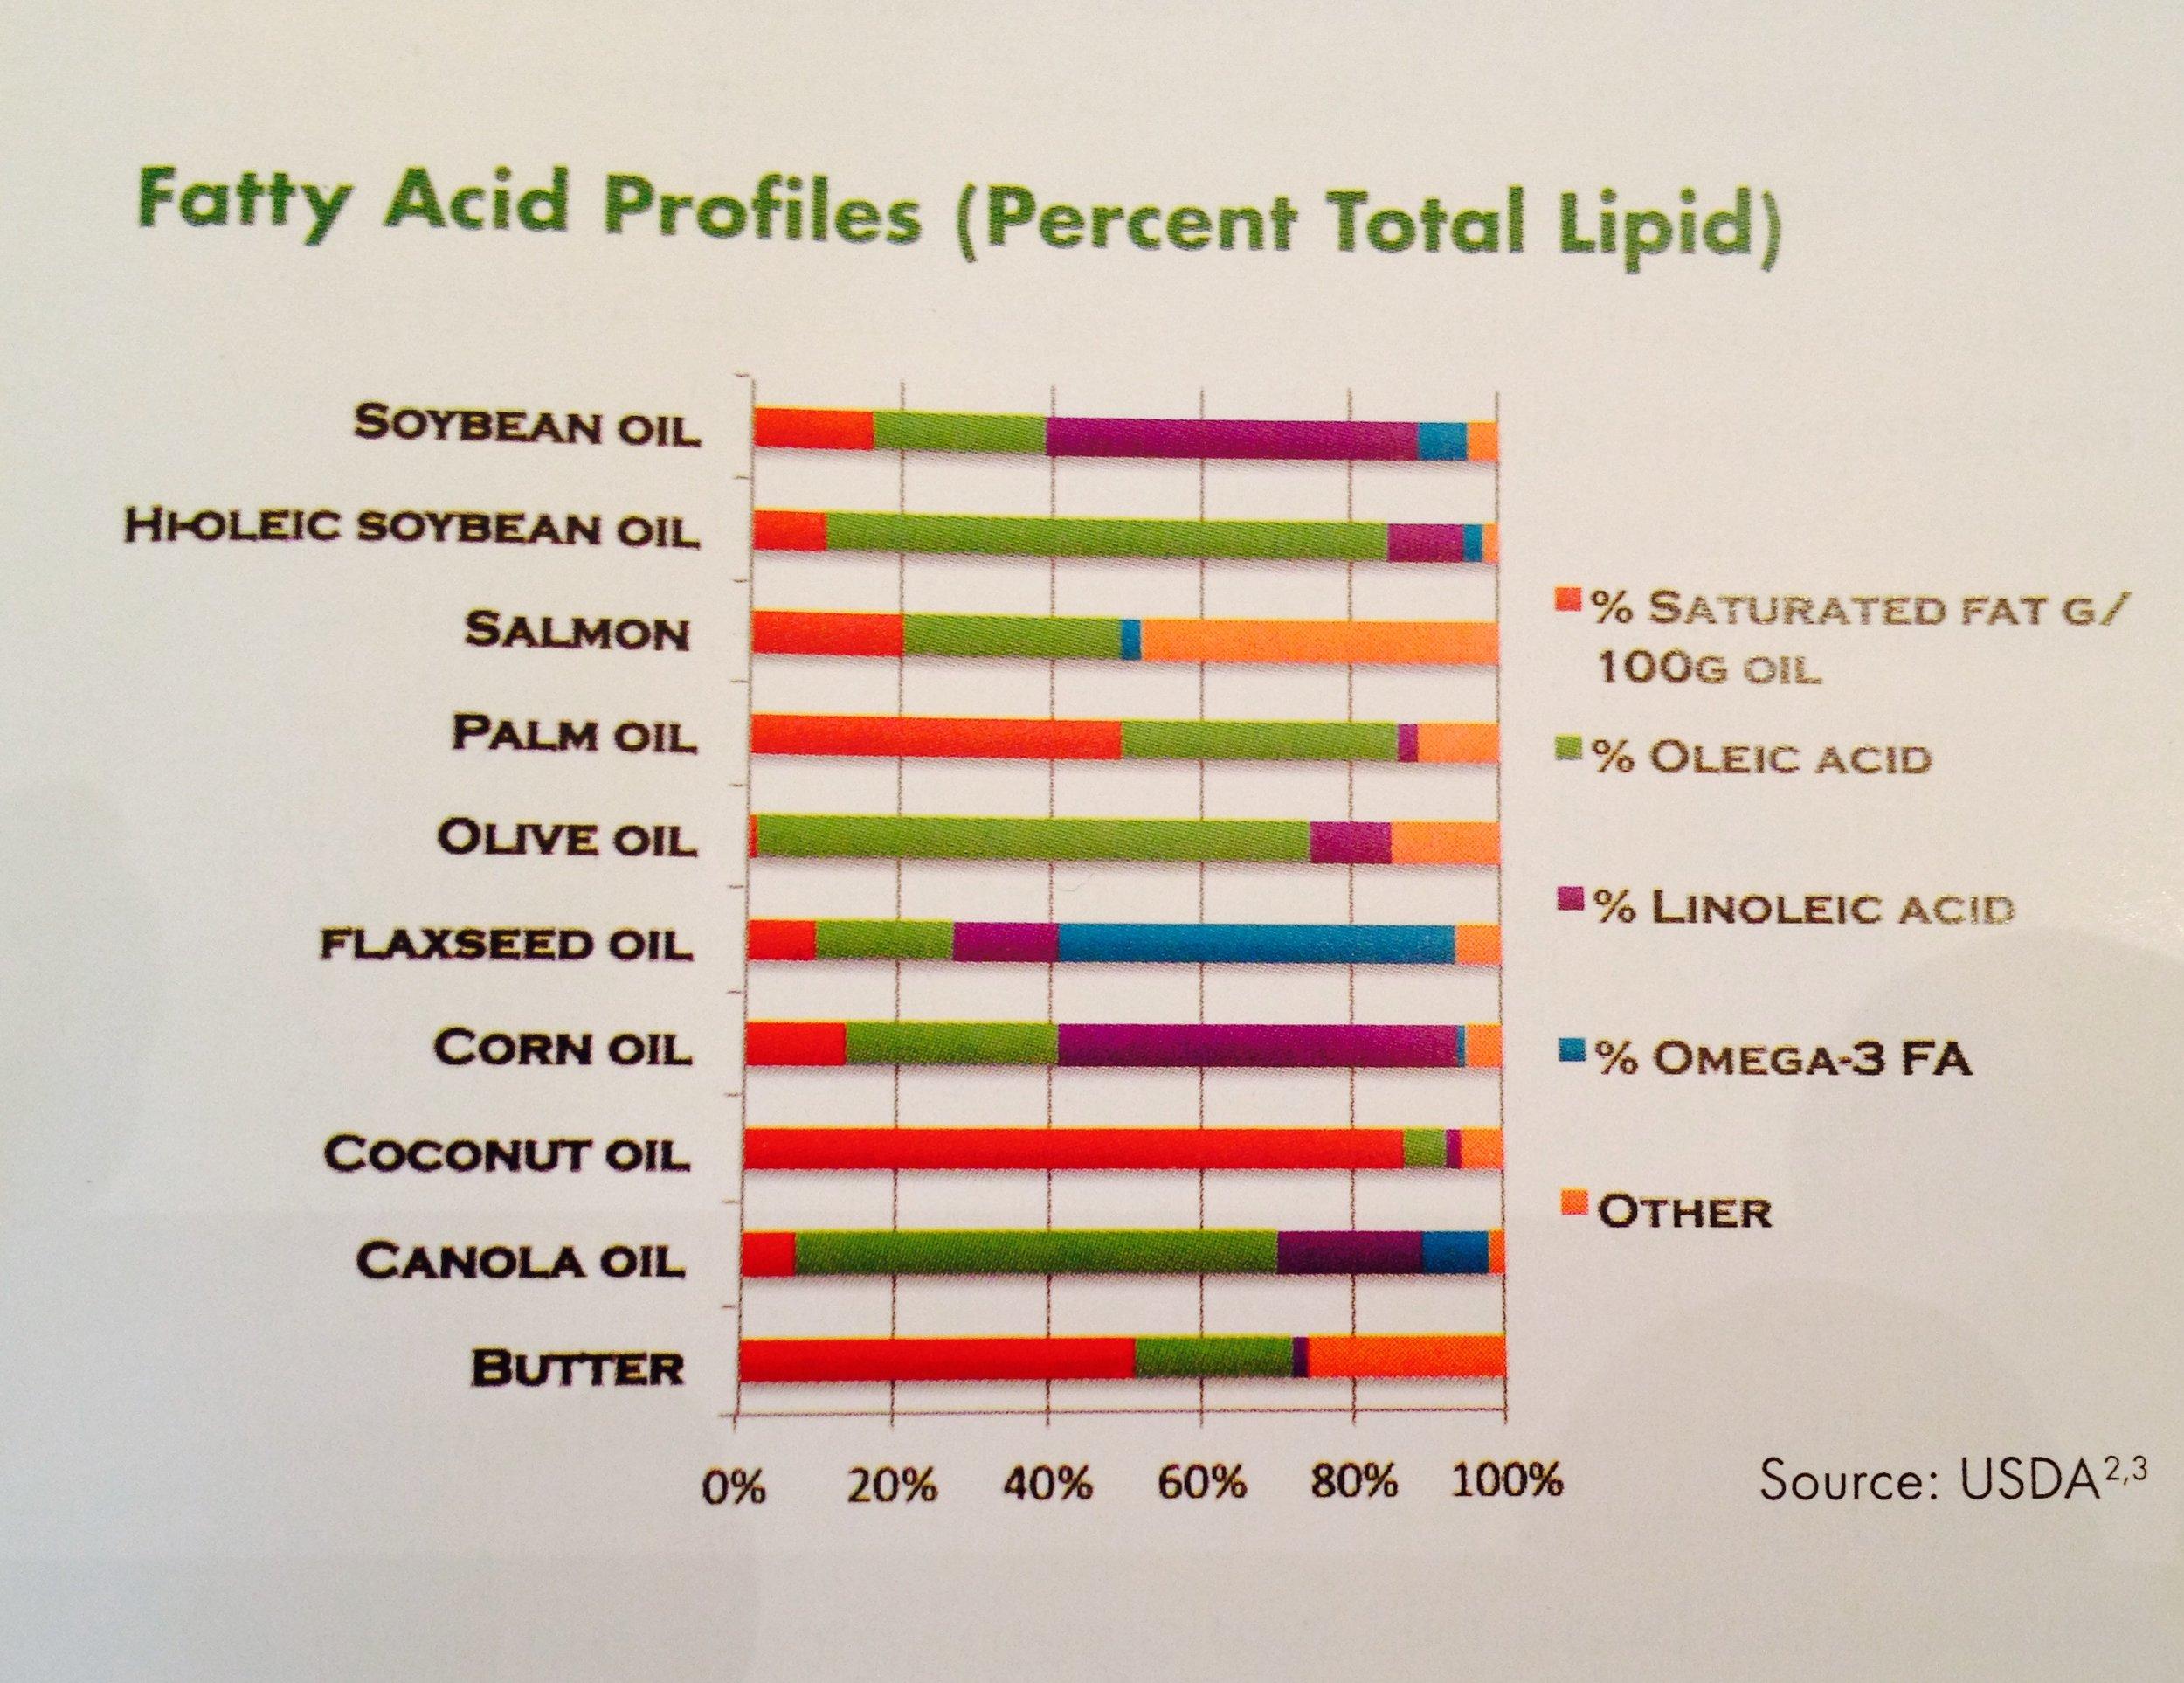 Fatty Acid Profiles